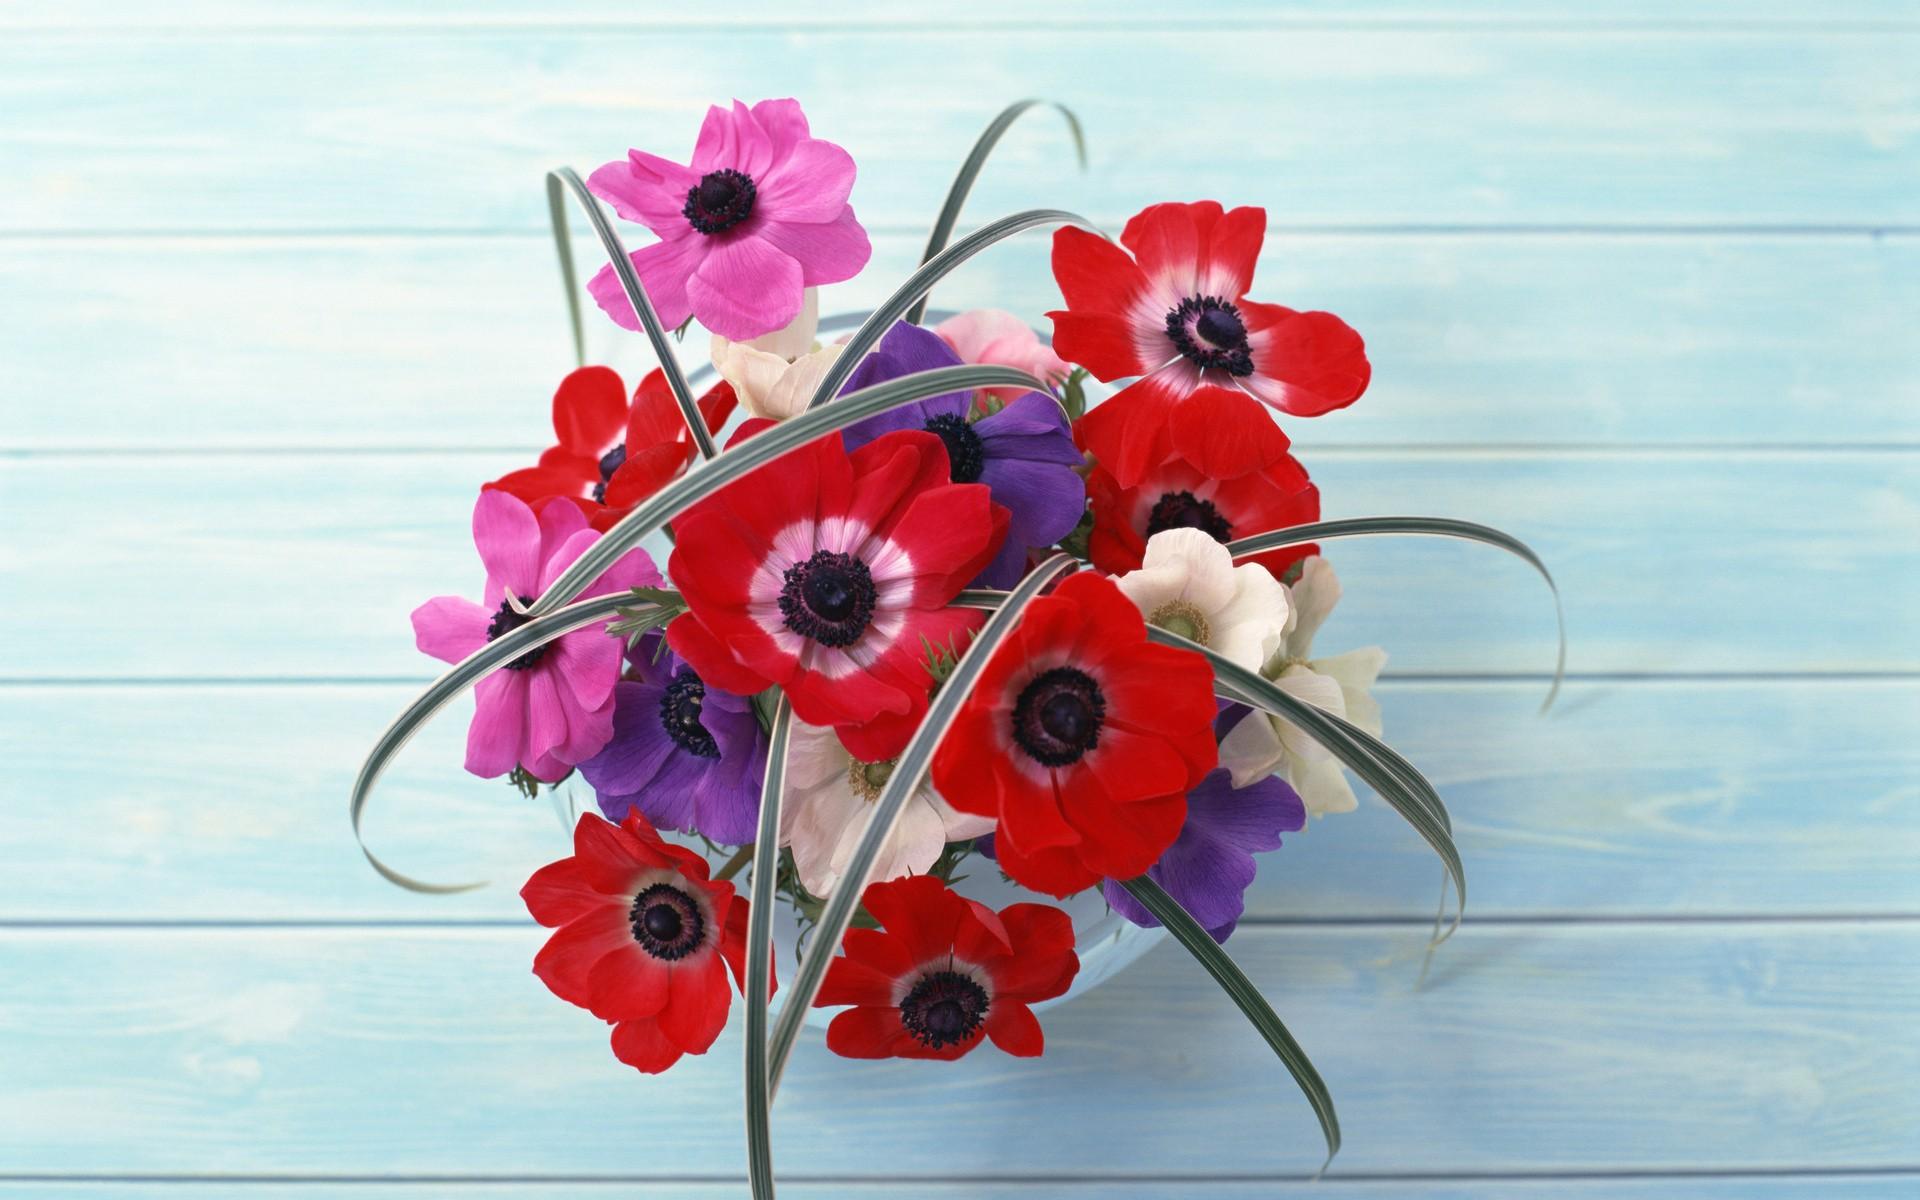 Прикольные картинки цветов на рабочий стол, дети семье